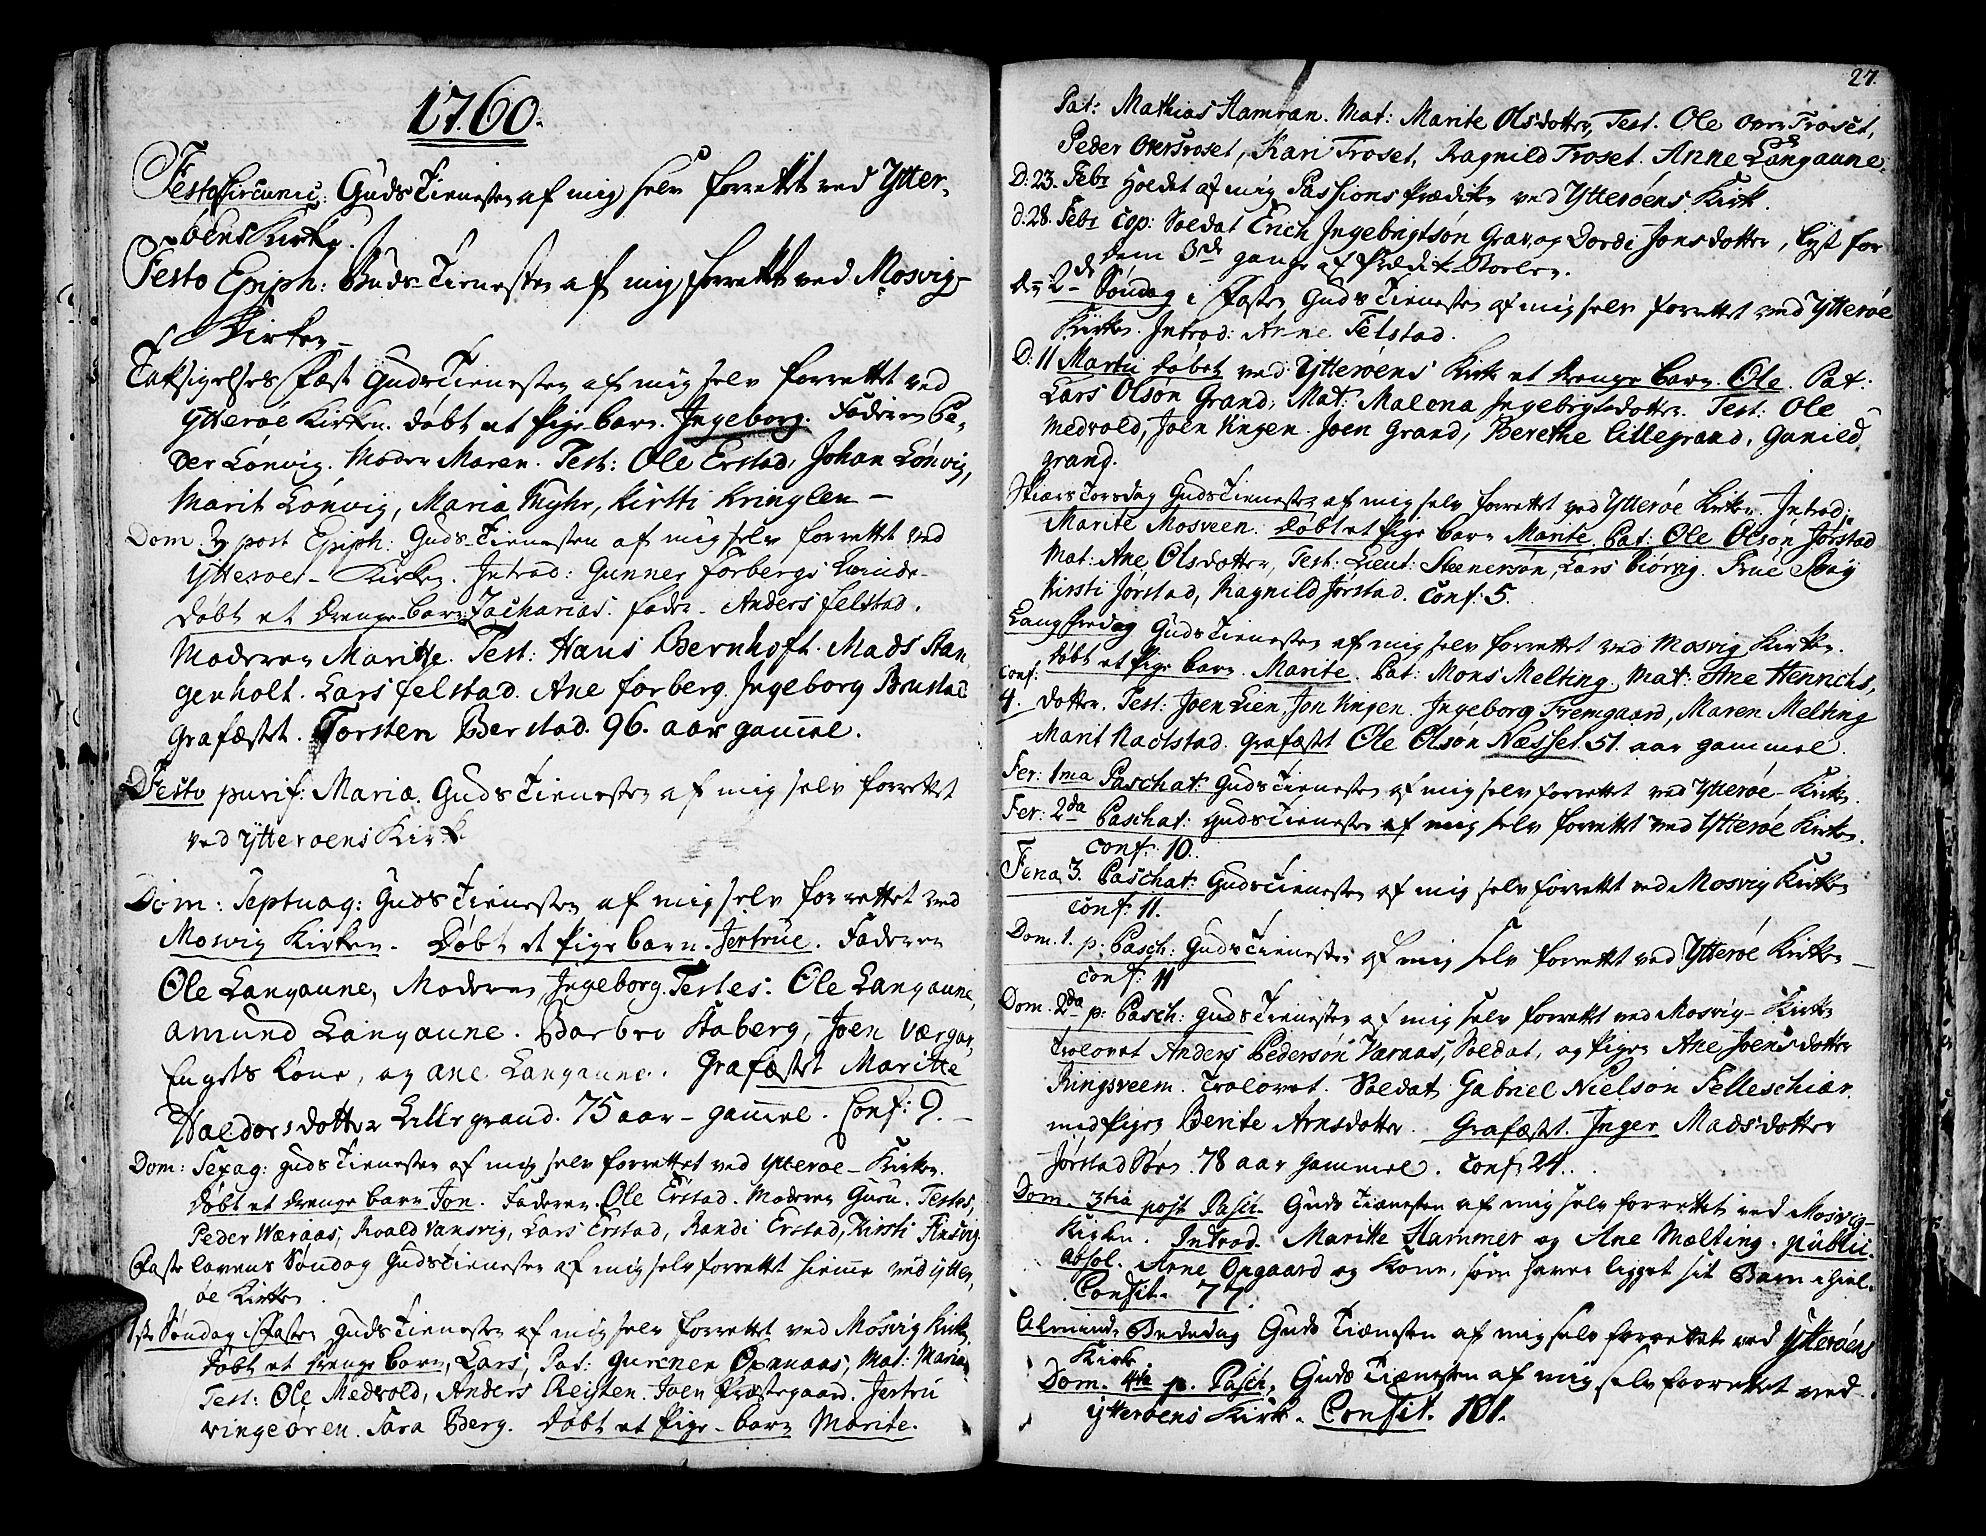 SAT, Ministerialprotokoller, klokkerbøker og fødselsregistre - Nord-Trøndelag, 722/L0216: Ministerialbok nr. 722A03, 1756-1816, s. 27